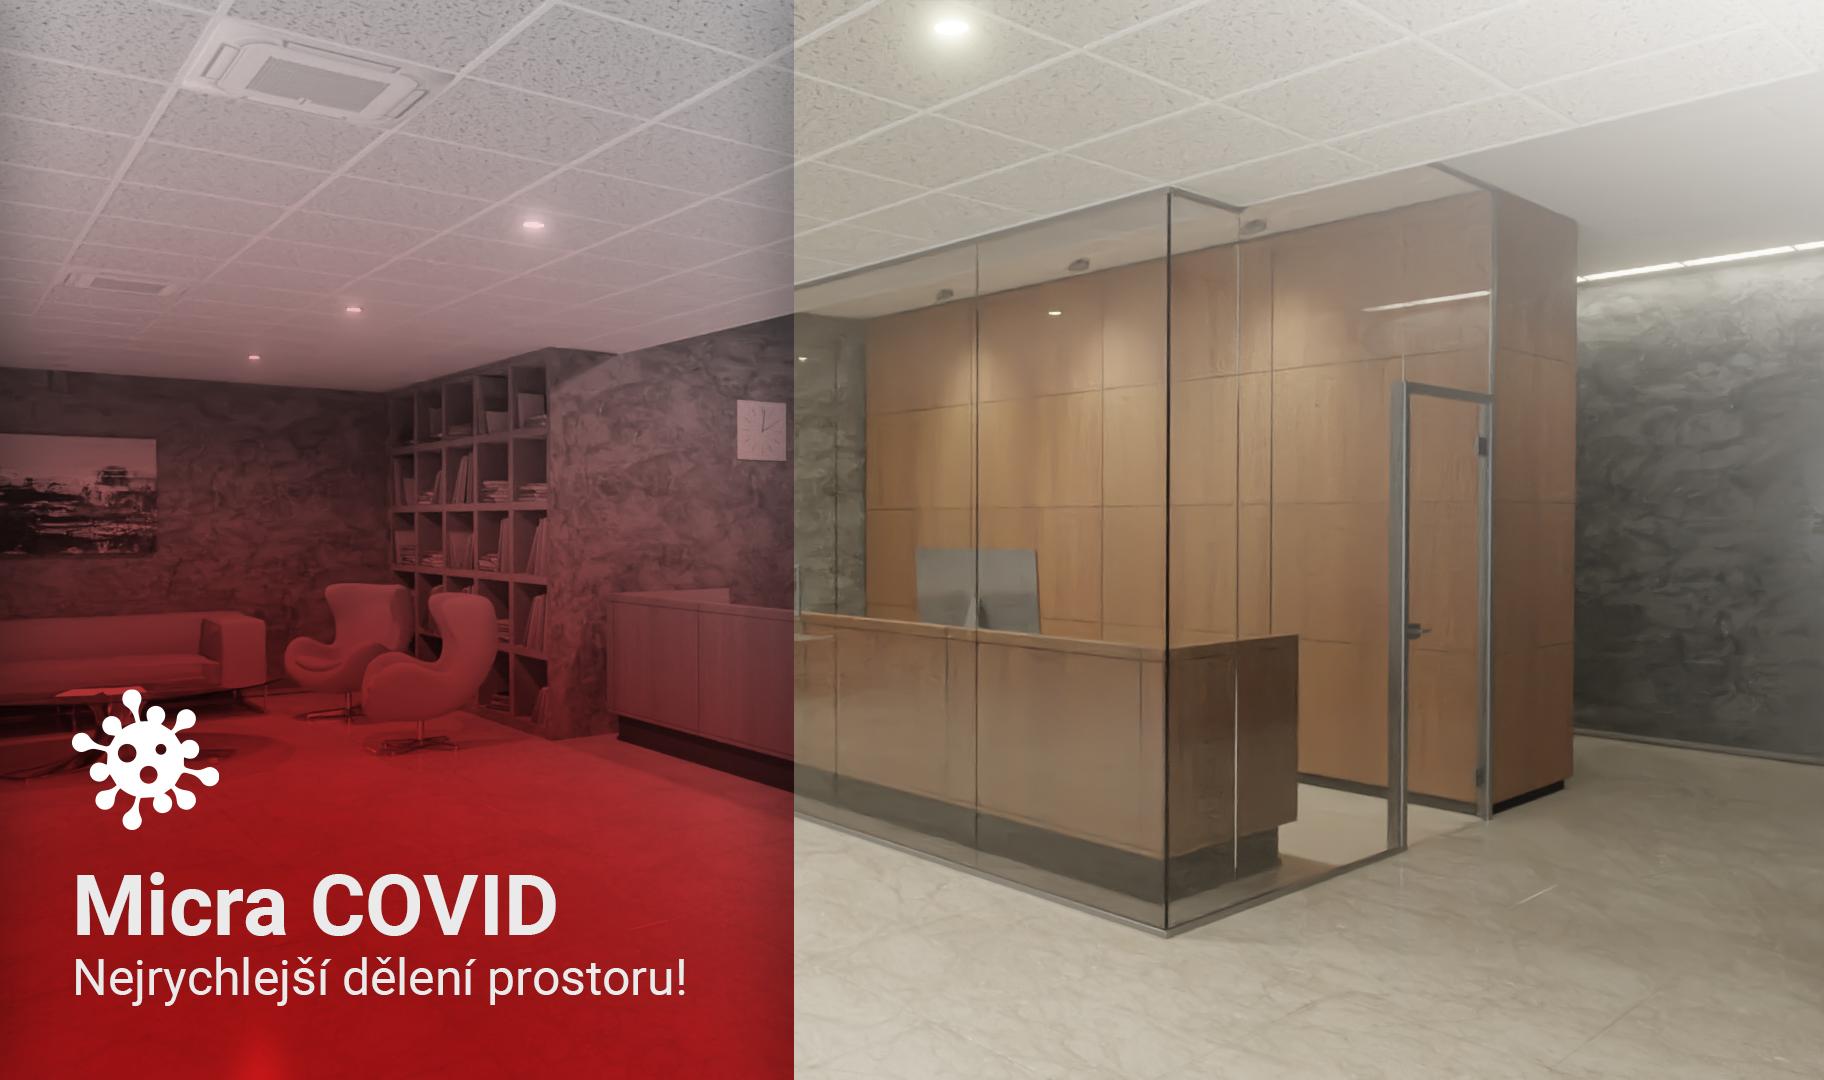 MICRA Covid – der beste und superschnelle Schutz am Arbeitsplatz!